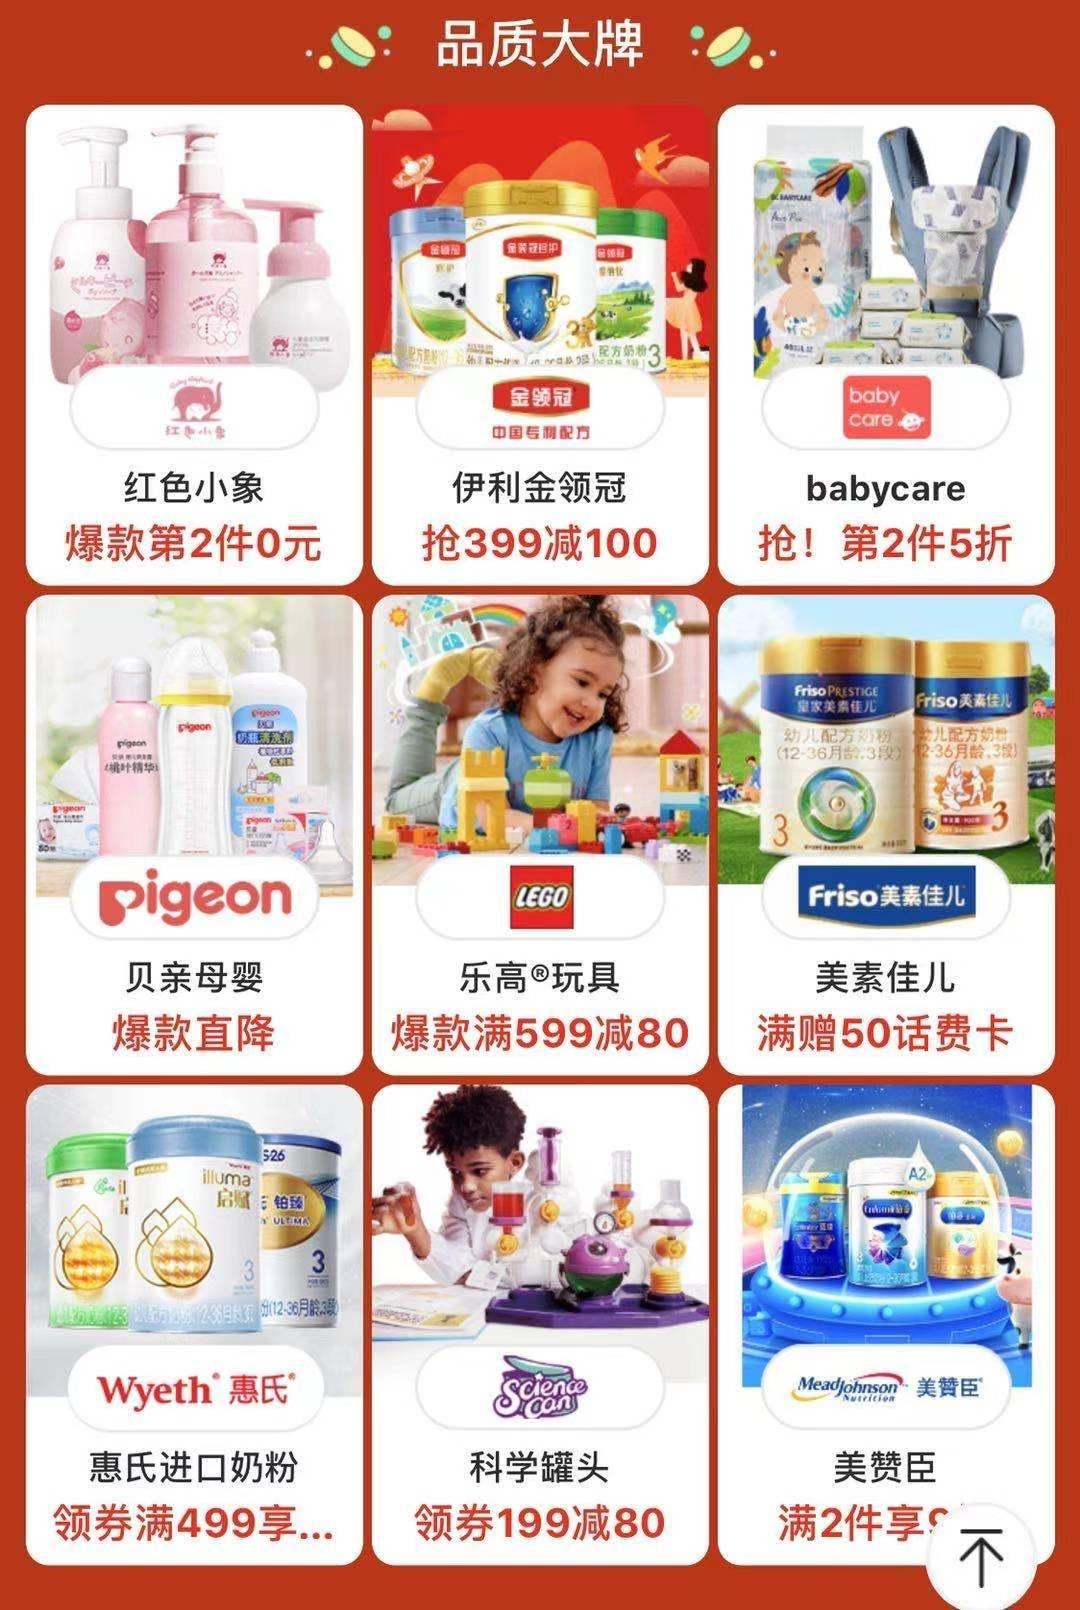 5年收获万千用户信赖 全球母婴头部品牌尽在2021京东宝贝趴